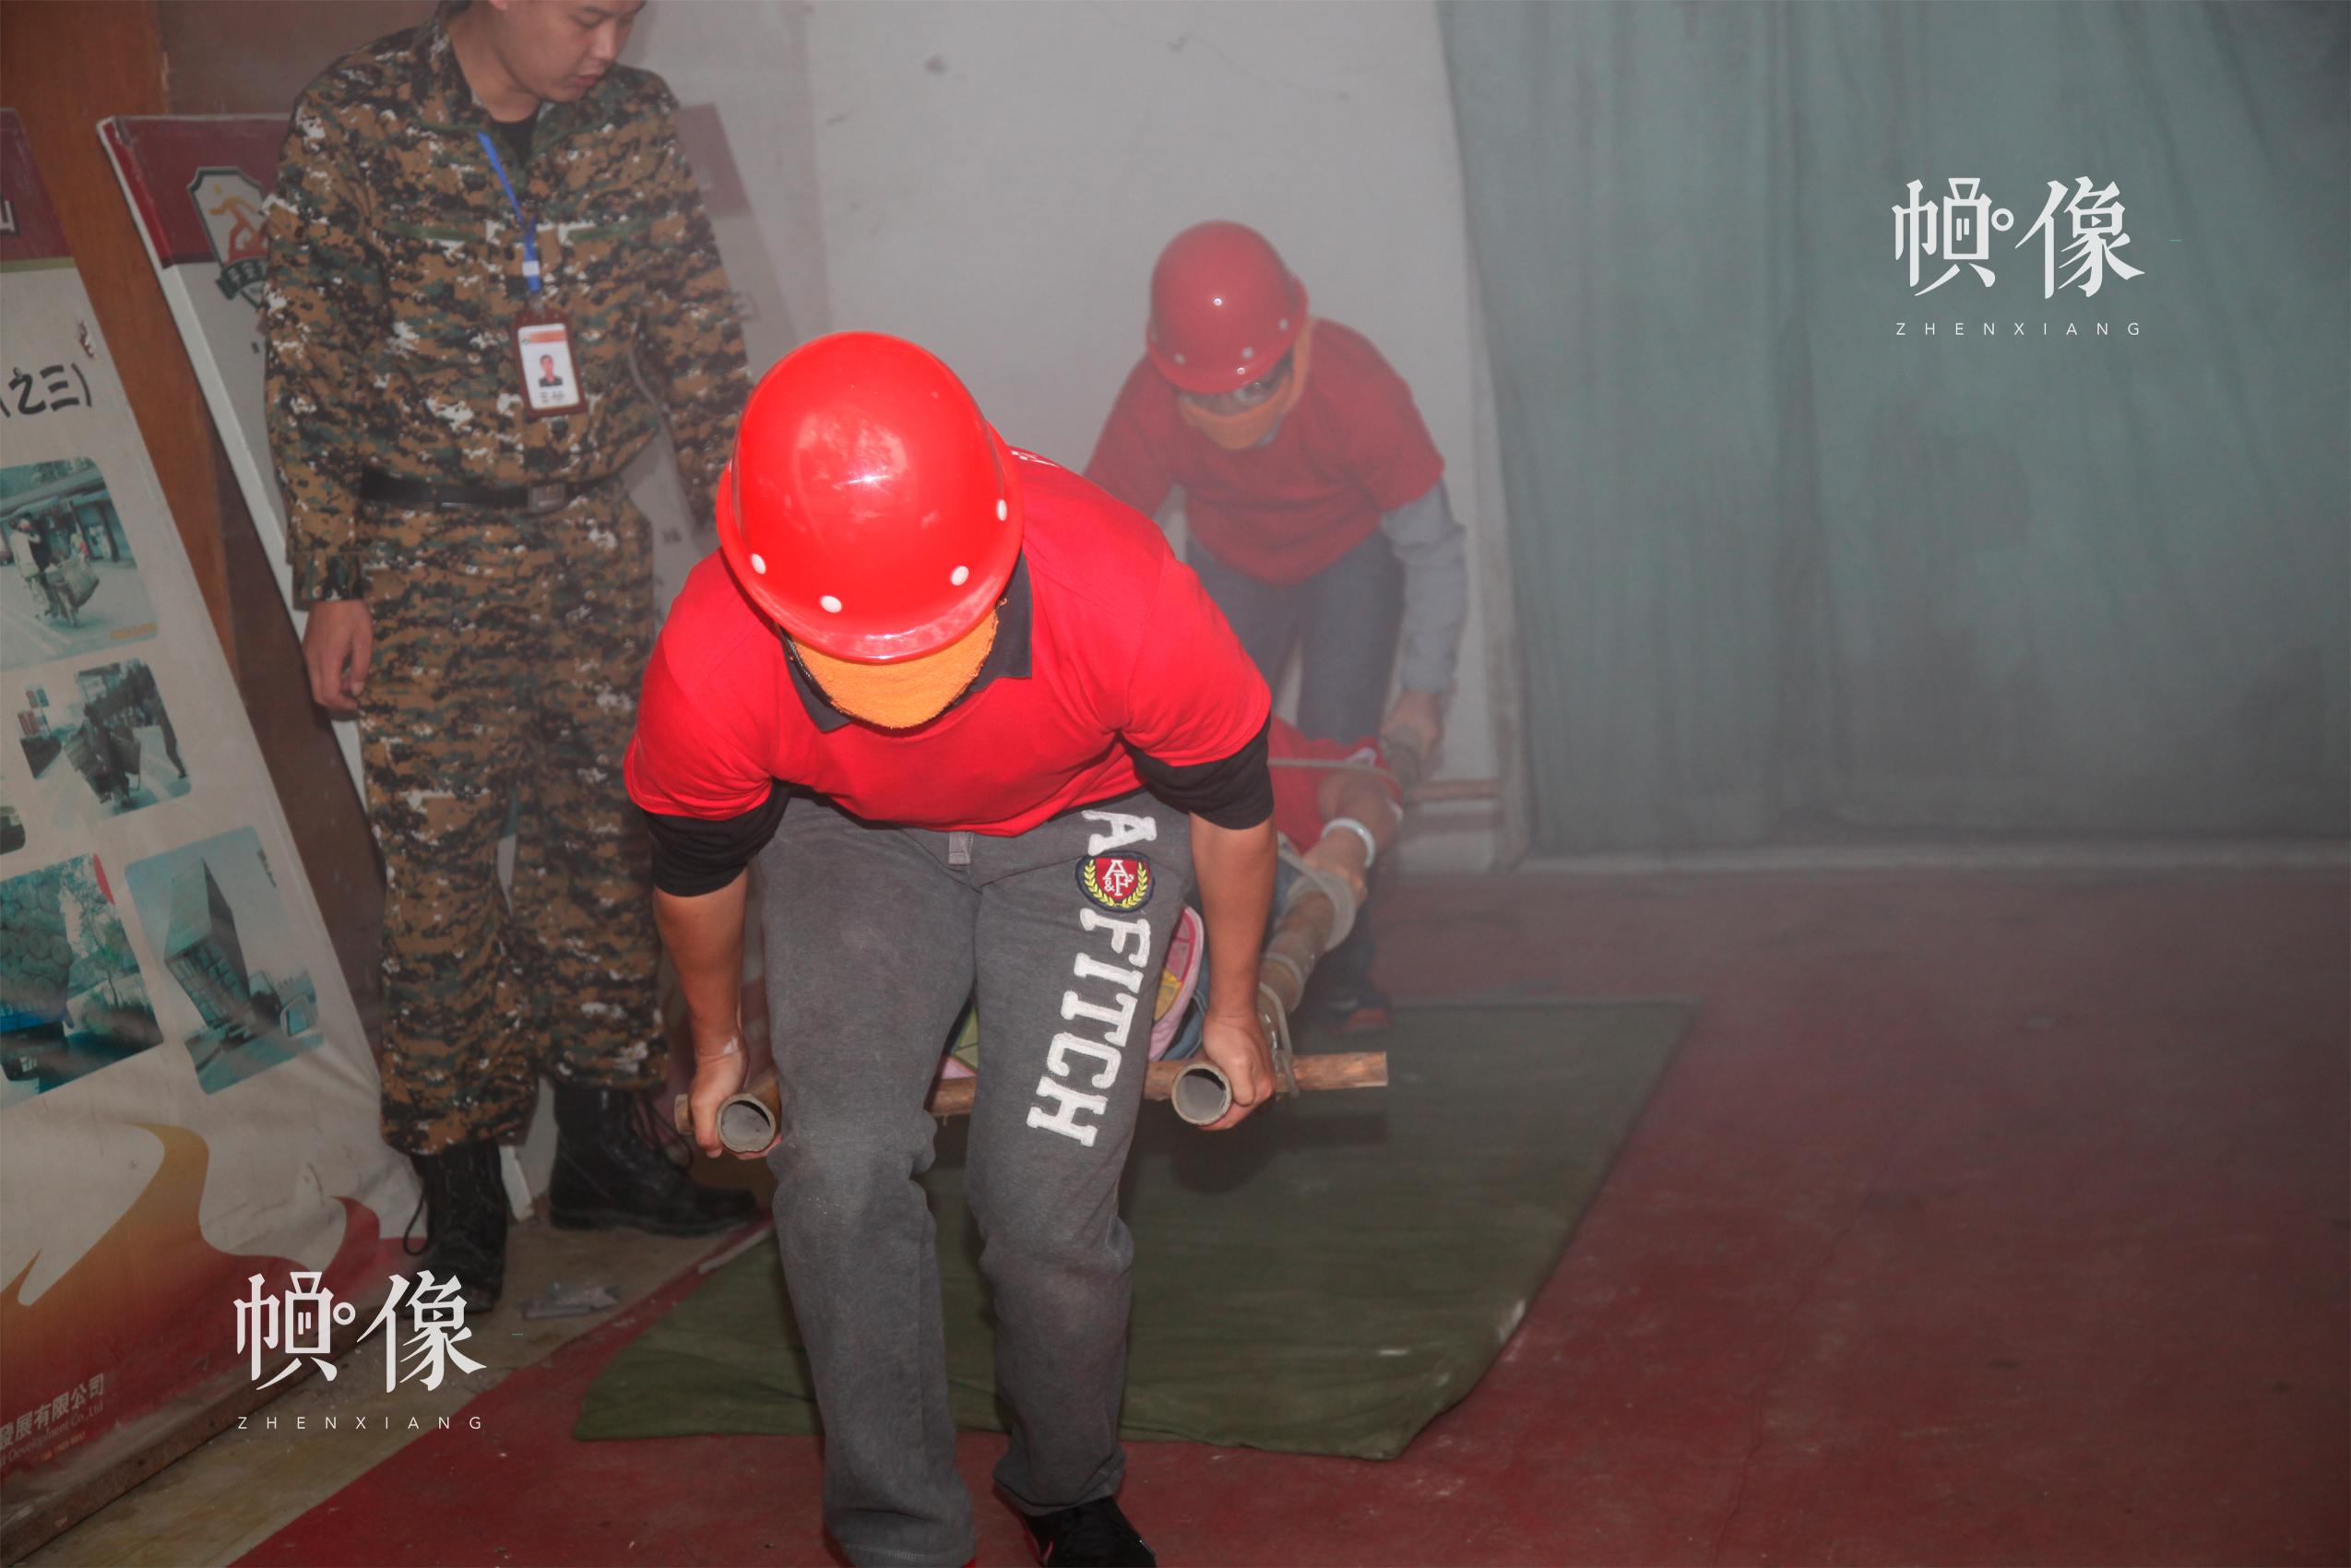 安全体验教室受捐学校的安全课老师参加烟道逃生与伤员搬运安全应急技能培训。 中国儿童少年基金会供图